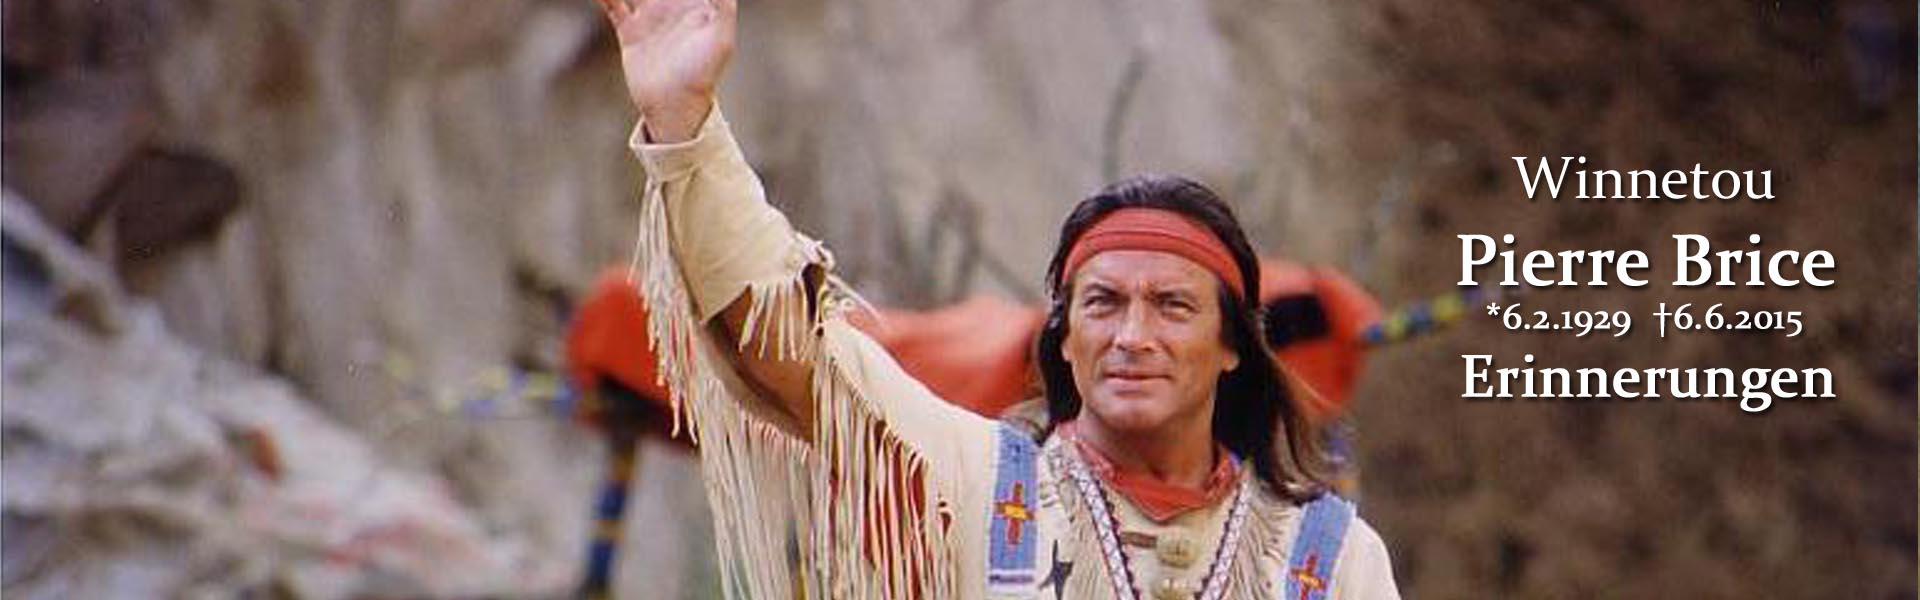 Pierre Brice-als Winnetou wurde er zur Legende